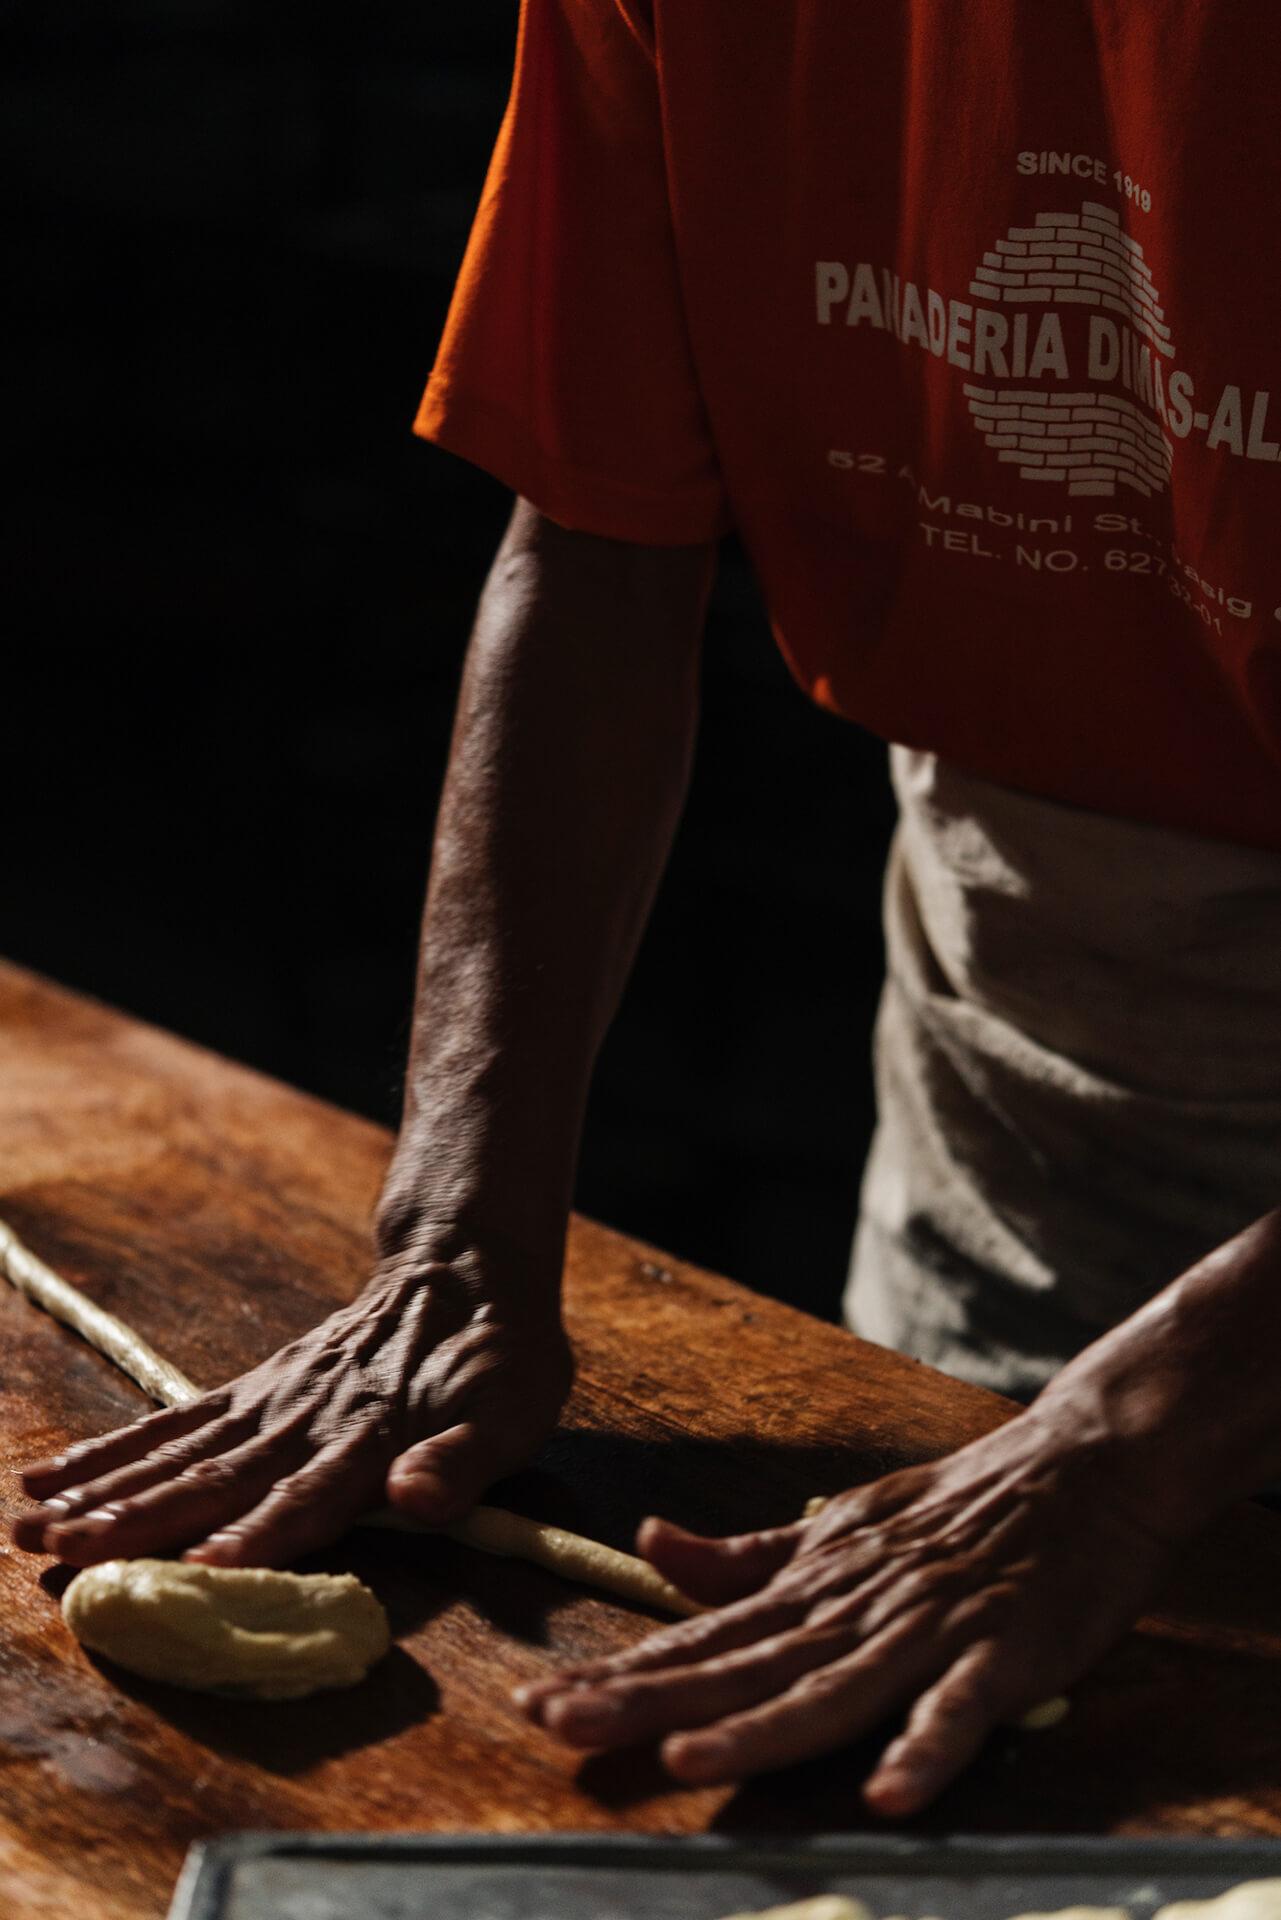 A baker at Panaderia Dimas-Alang shaping dough